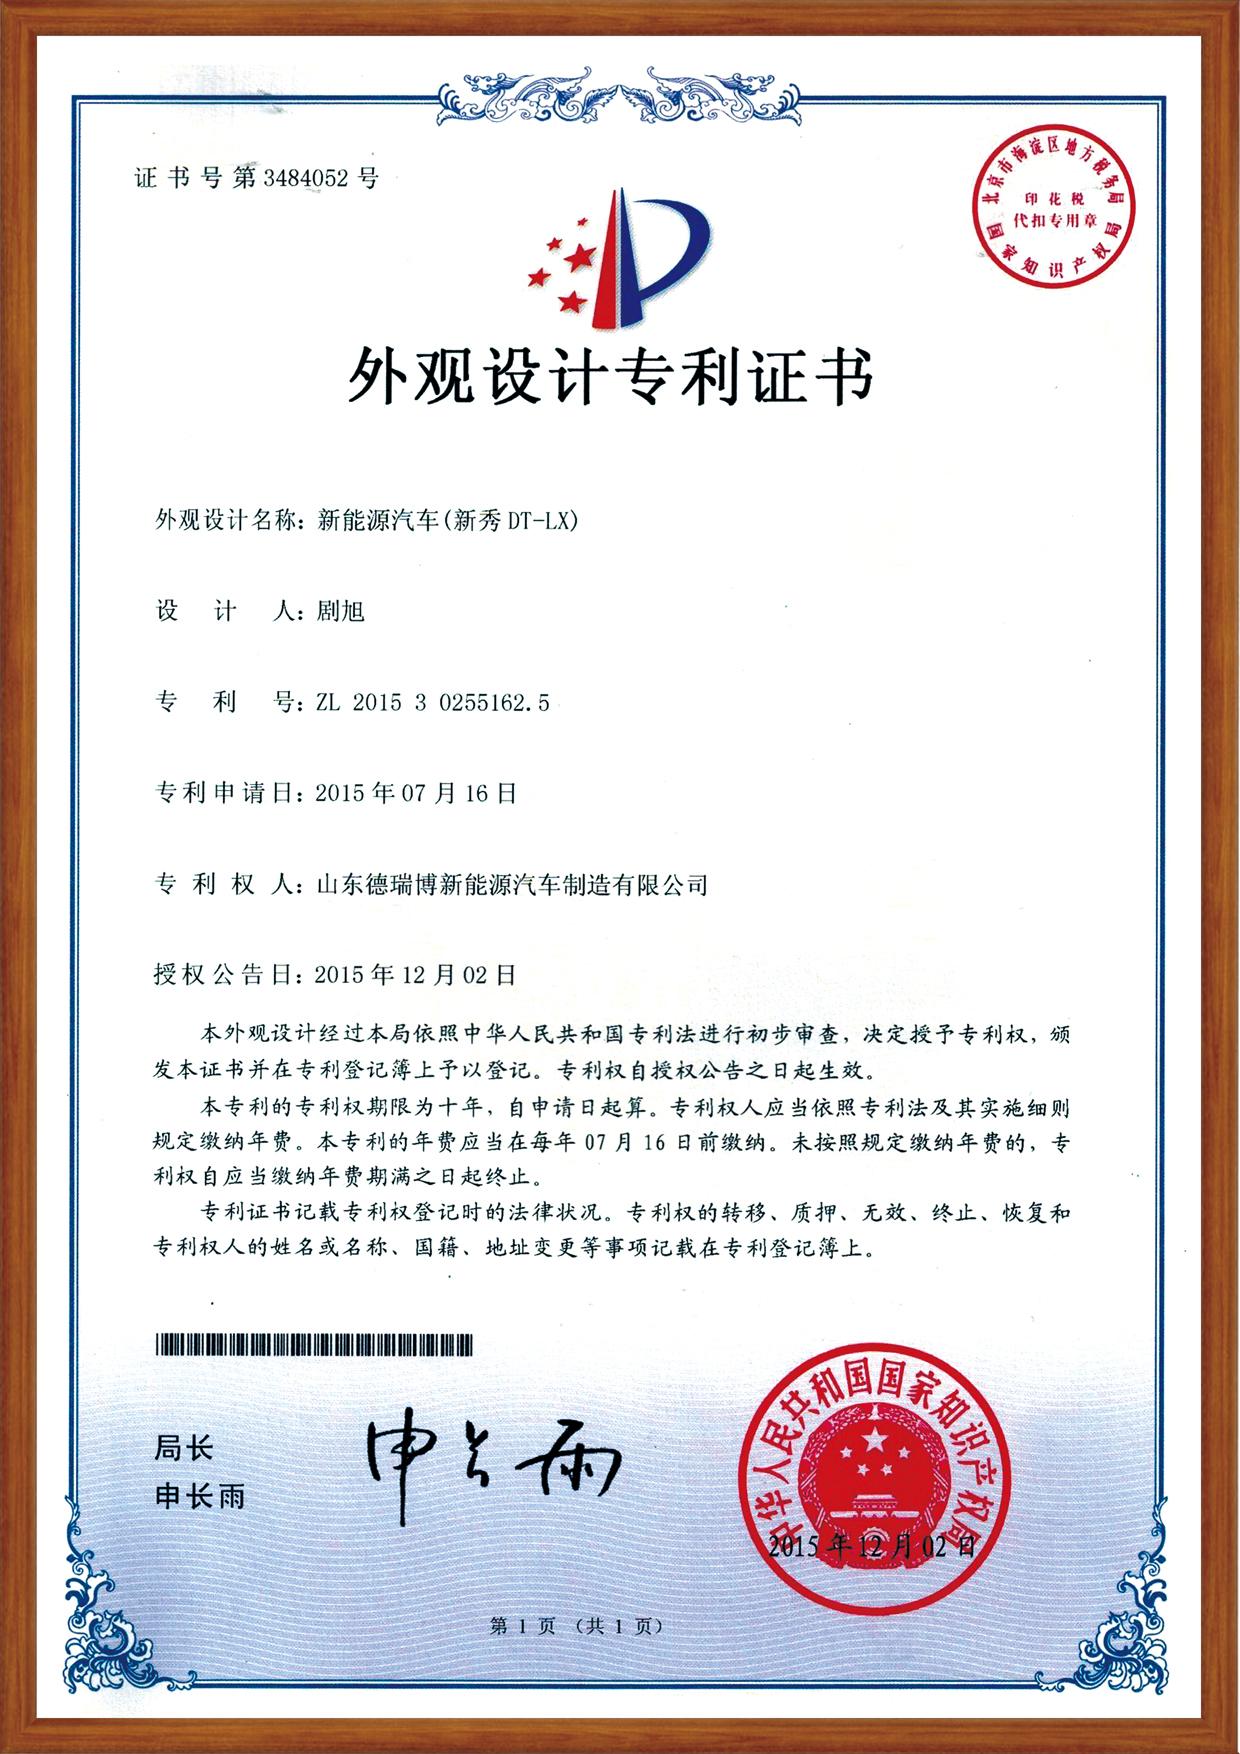 外观设计专利证书(新秀DT-LX)